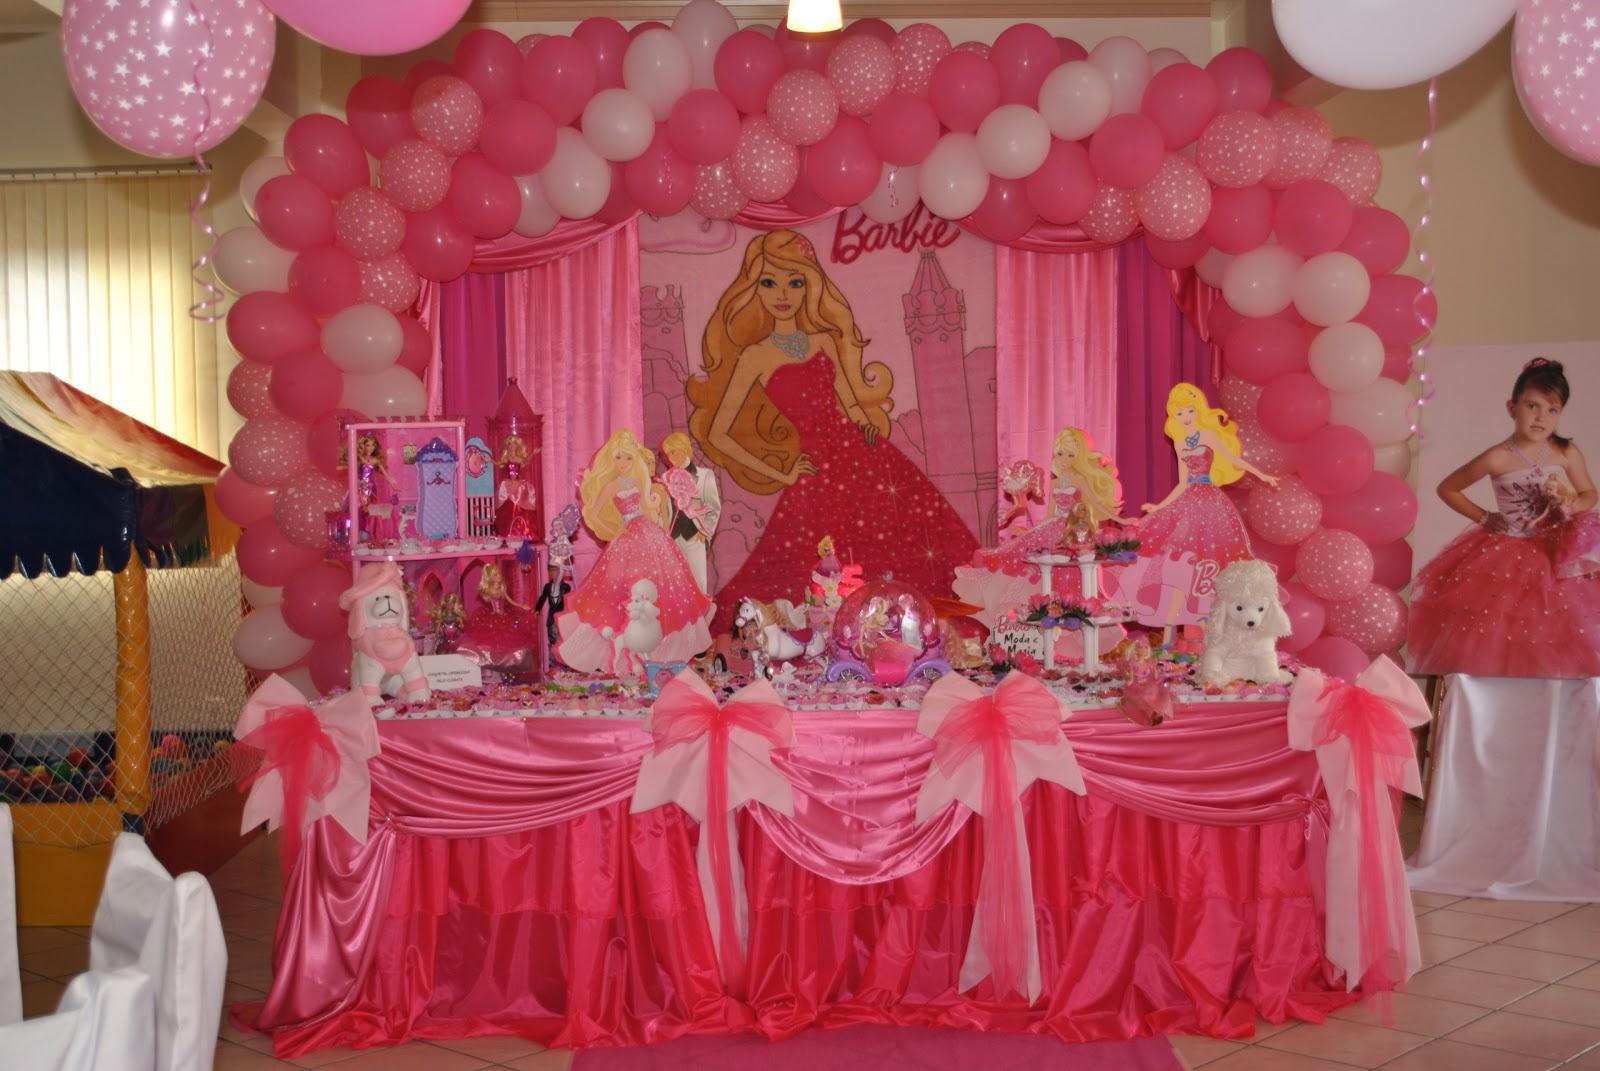 decoracao festa barbie : decoracao festa barbie:bolos e decorações de festa: BARBIE